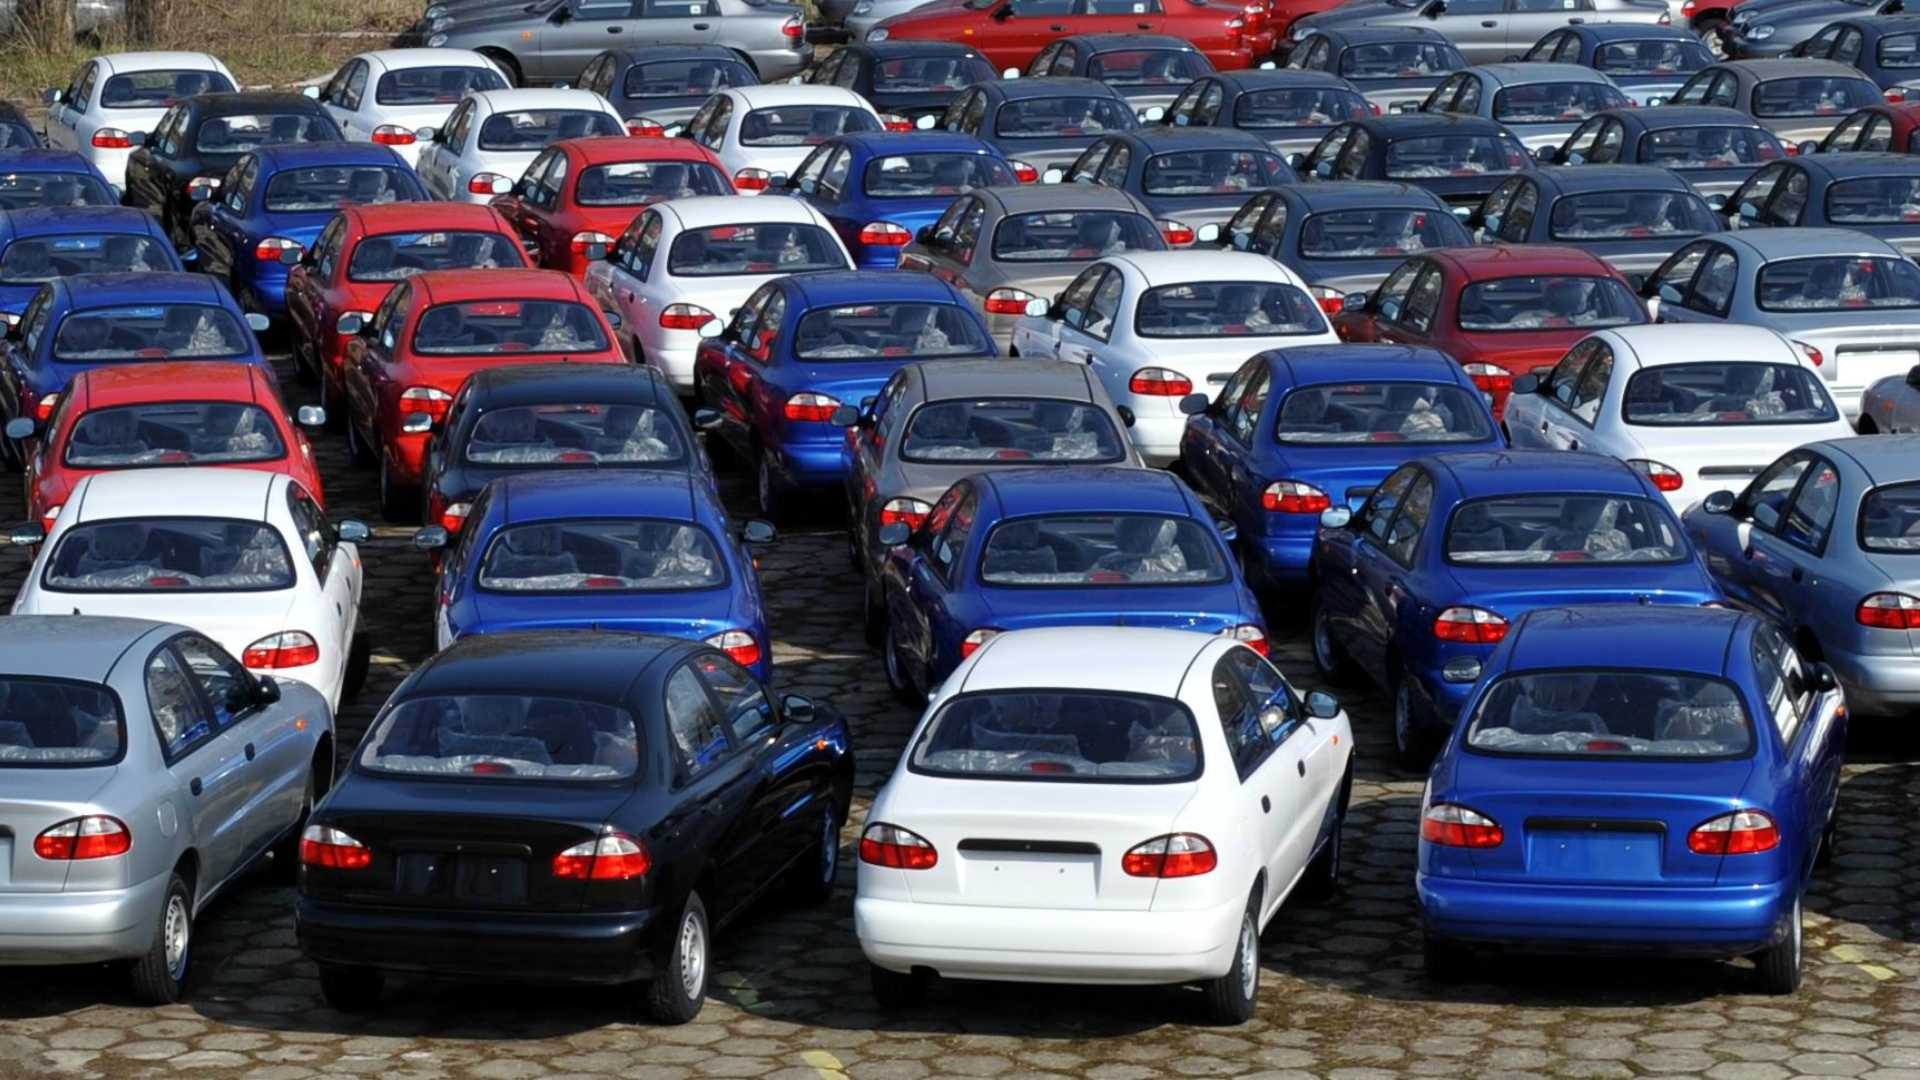 Стало известно, в каком регионе чаще всего продаются подержанные автомобили